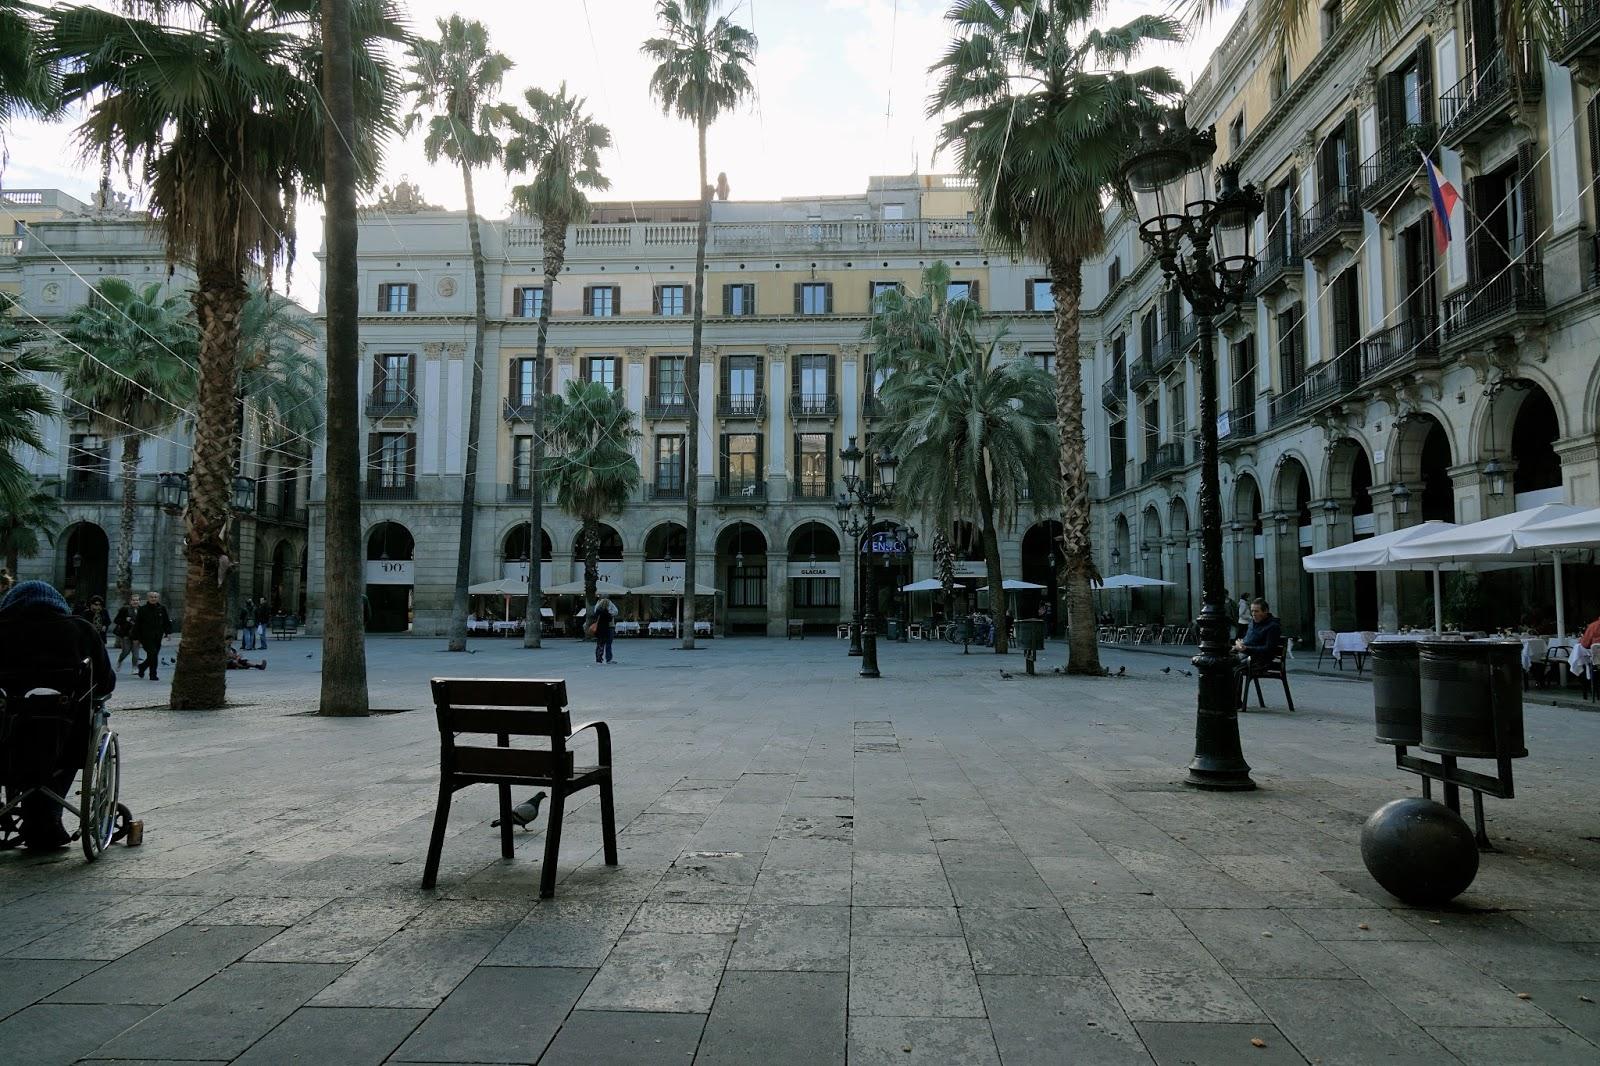 レイアール広場(Royal Plaza)